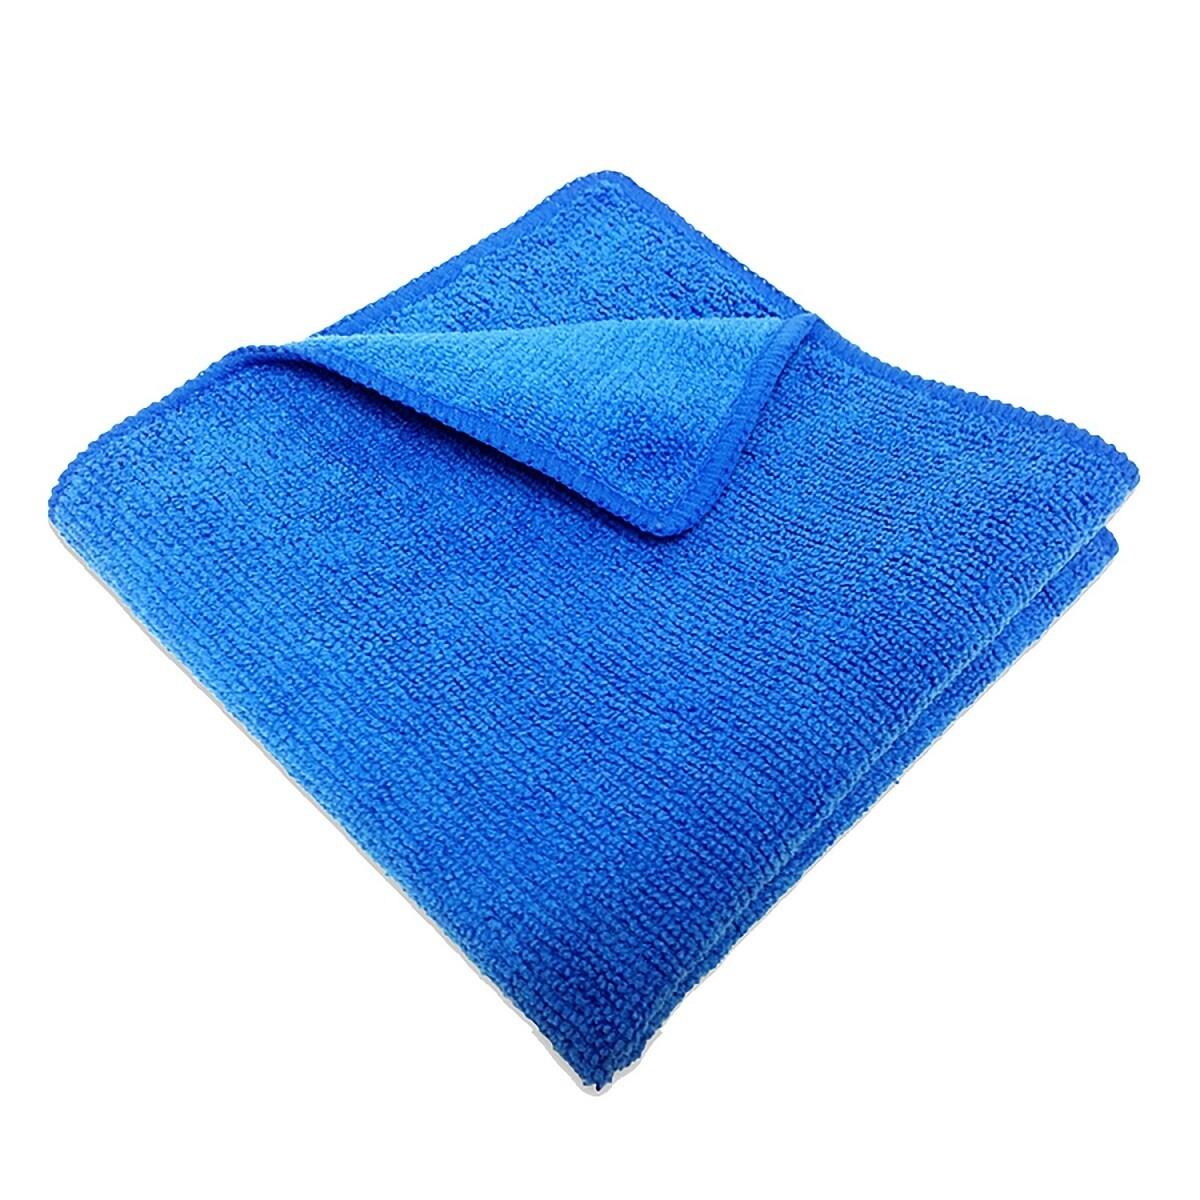 Салфетка микрофибра 220 г/м 30*30 см, цвет синий